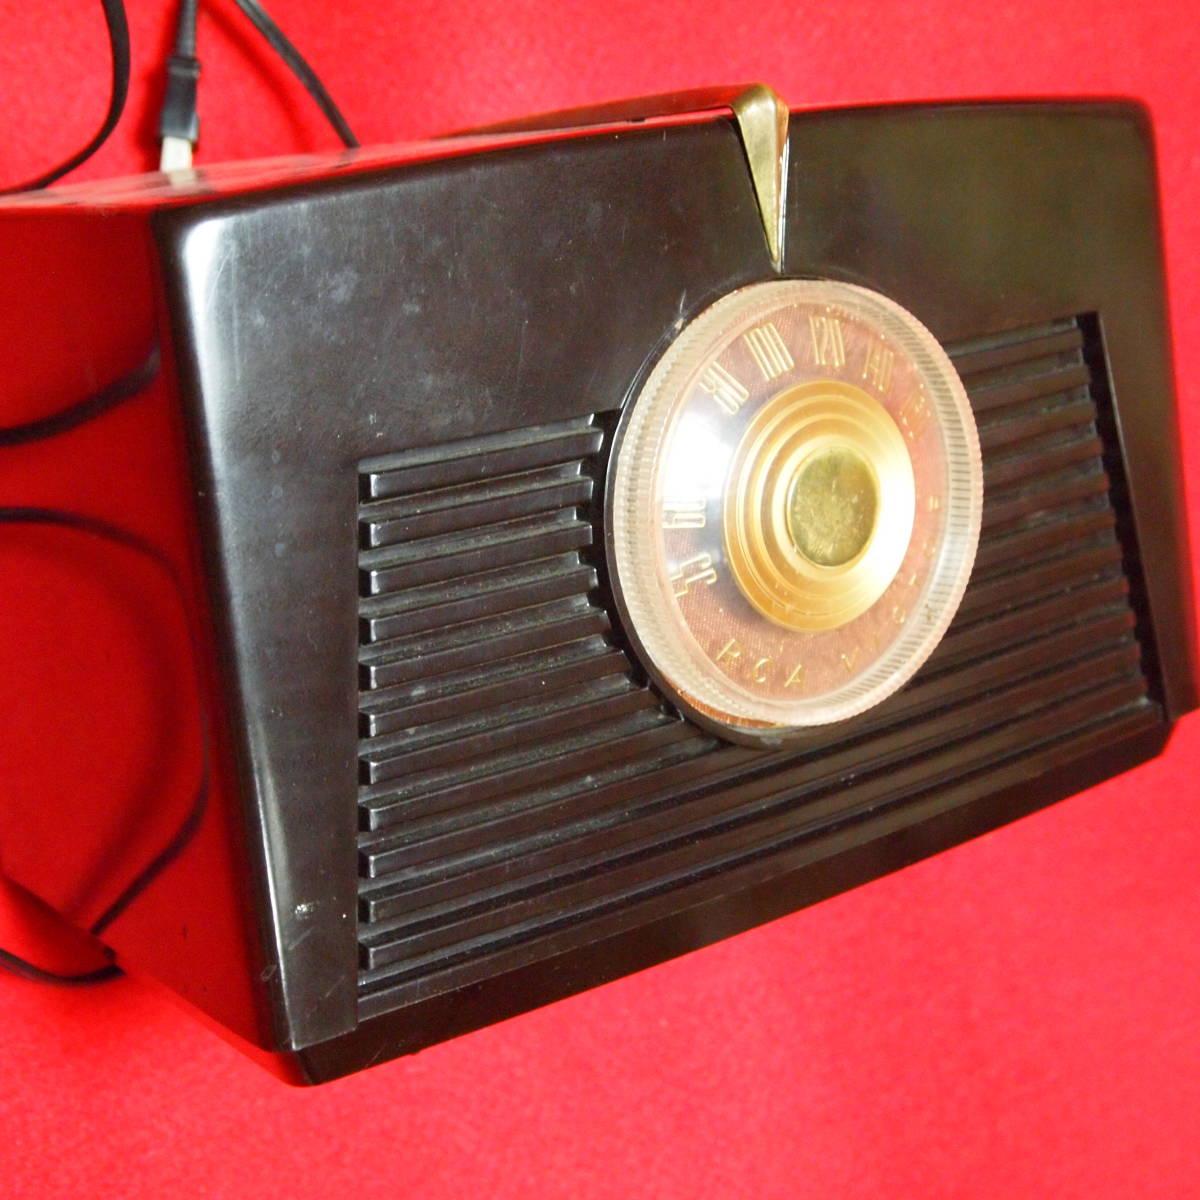 可愛い真空管ラジオ、RCAビクター、モデル8X541_画像2